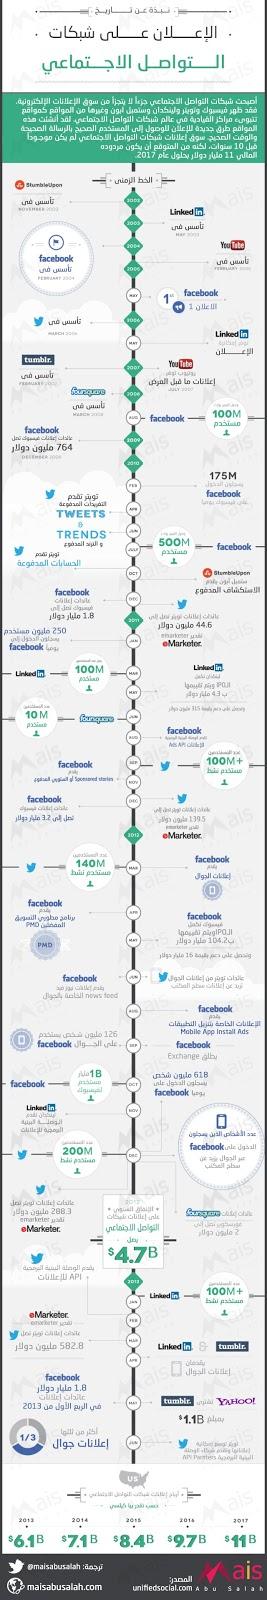 نبذة عن تاريخ الإعلان على شبكات التواصل الاجتماعي #انفوجرافيك